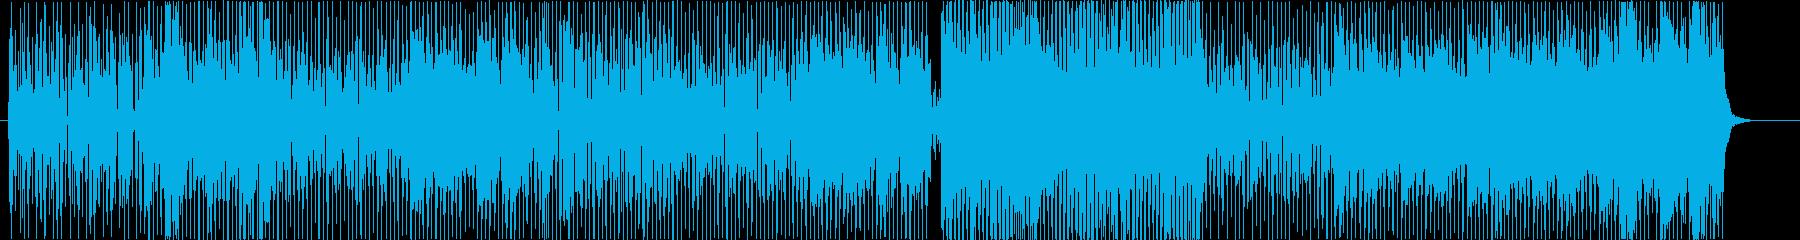 Rojiの再生済みの波形